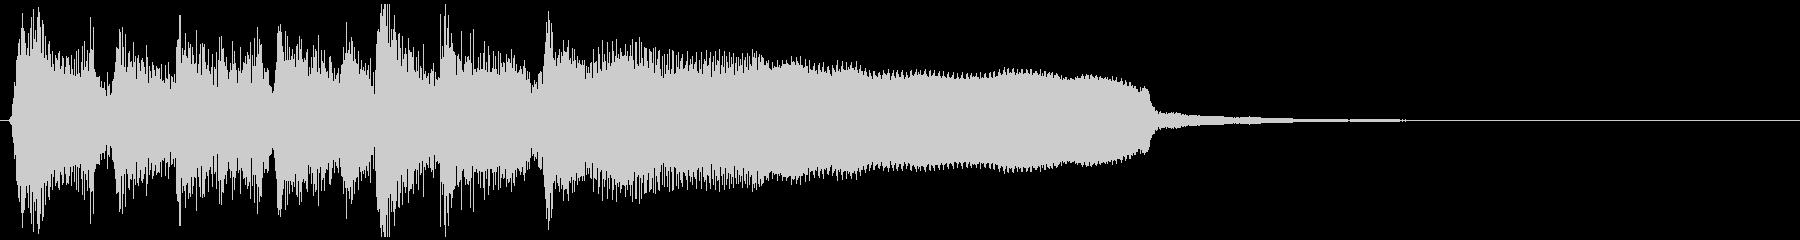 ステージクリア系ジングル、管楽器、ジャズの未再生の波形